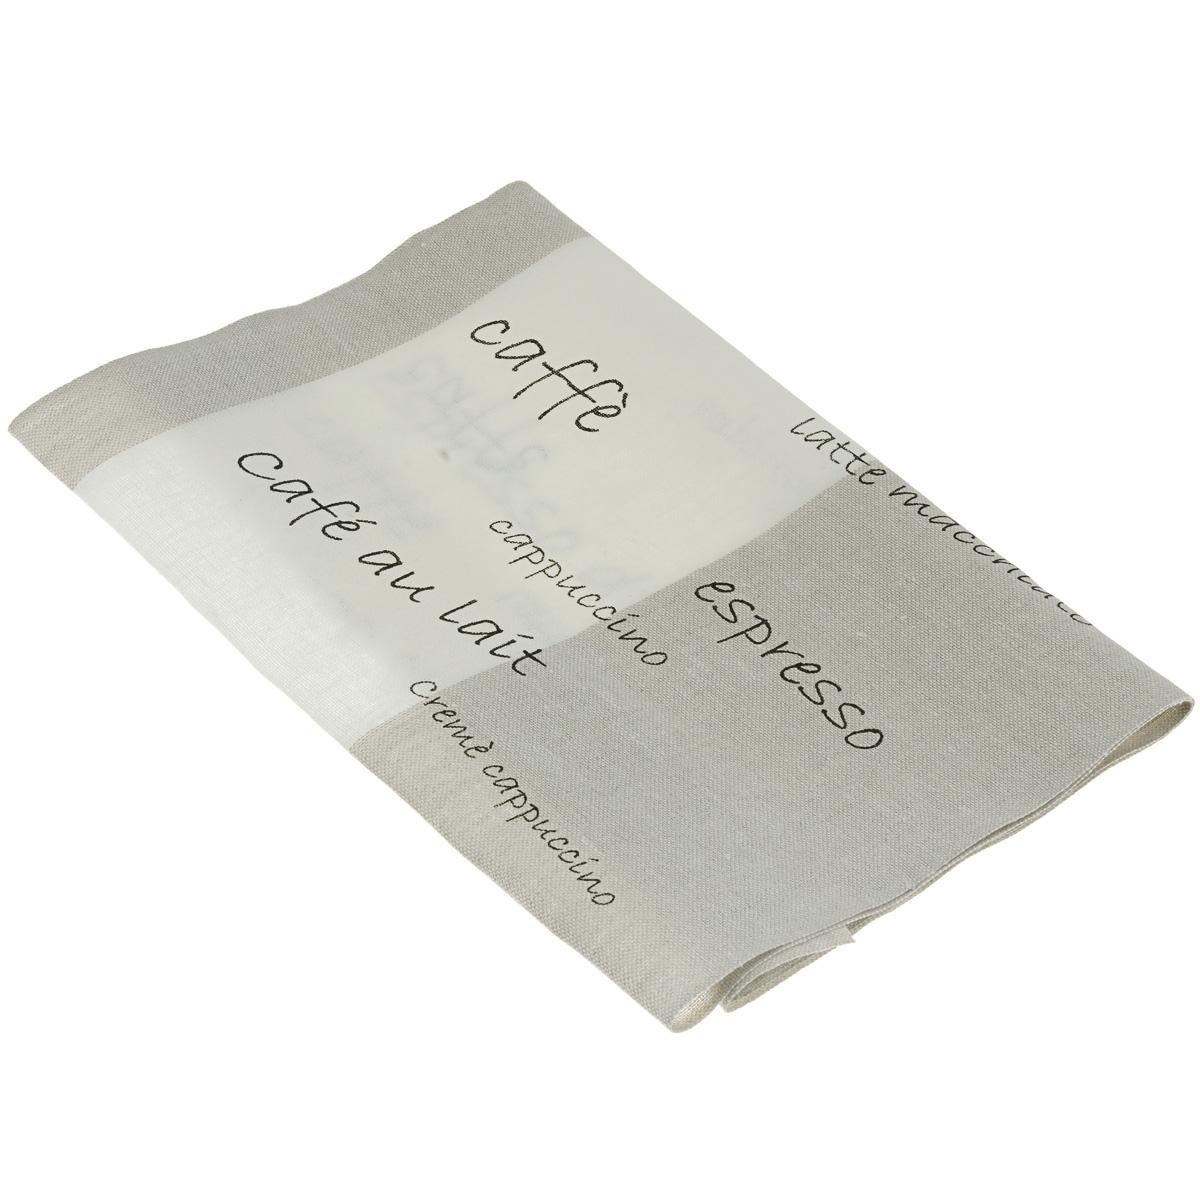 Основа для вышивания крестом или гладью Schaefer, с рисунком, цвет: льняной, черный, белый, 34 см х 100 см7035-340-1Основа для вышивания крестом или гладью Schaefer представляет собой 11-ти ниточную дорожку, выполненную из 100% льна. Изделие декорировано иностранными словами, обозначающими разные виды кофе. Воплотите свои идеи на этой основе для вышивания! Дорожка, украшенная своими руками, дополнит интерьер любого помещения, а также сможет стать изысканным подарком для ваших друзей и близких.